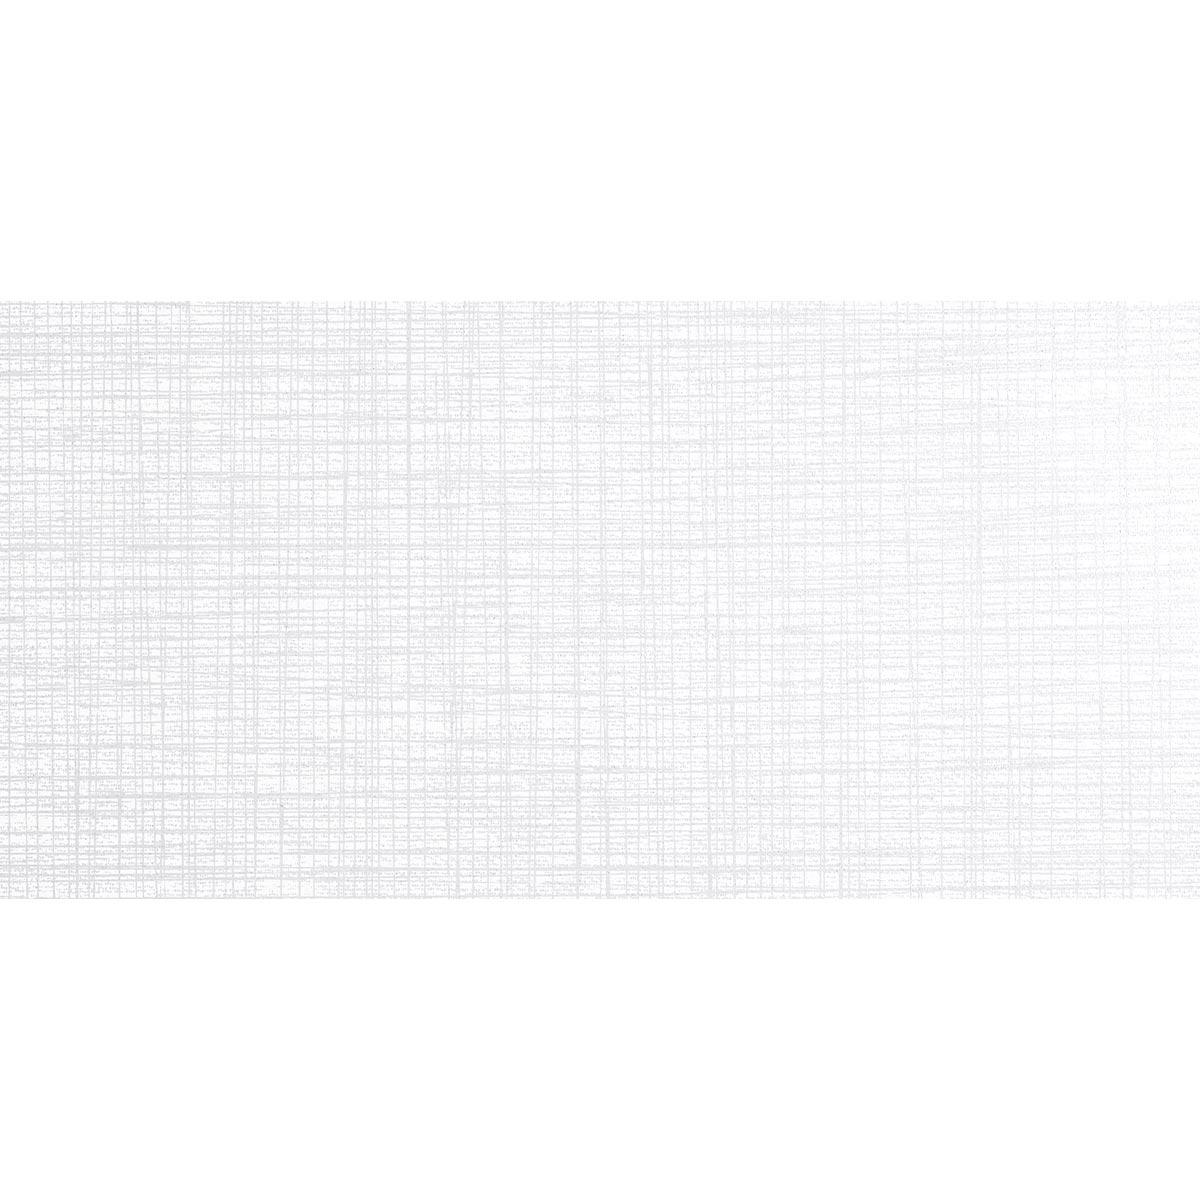 T10824 ELECTRA LUX SUPER WHITE 12 X 24 LAP P1